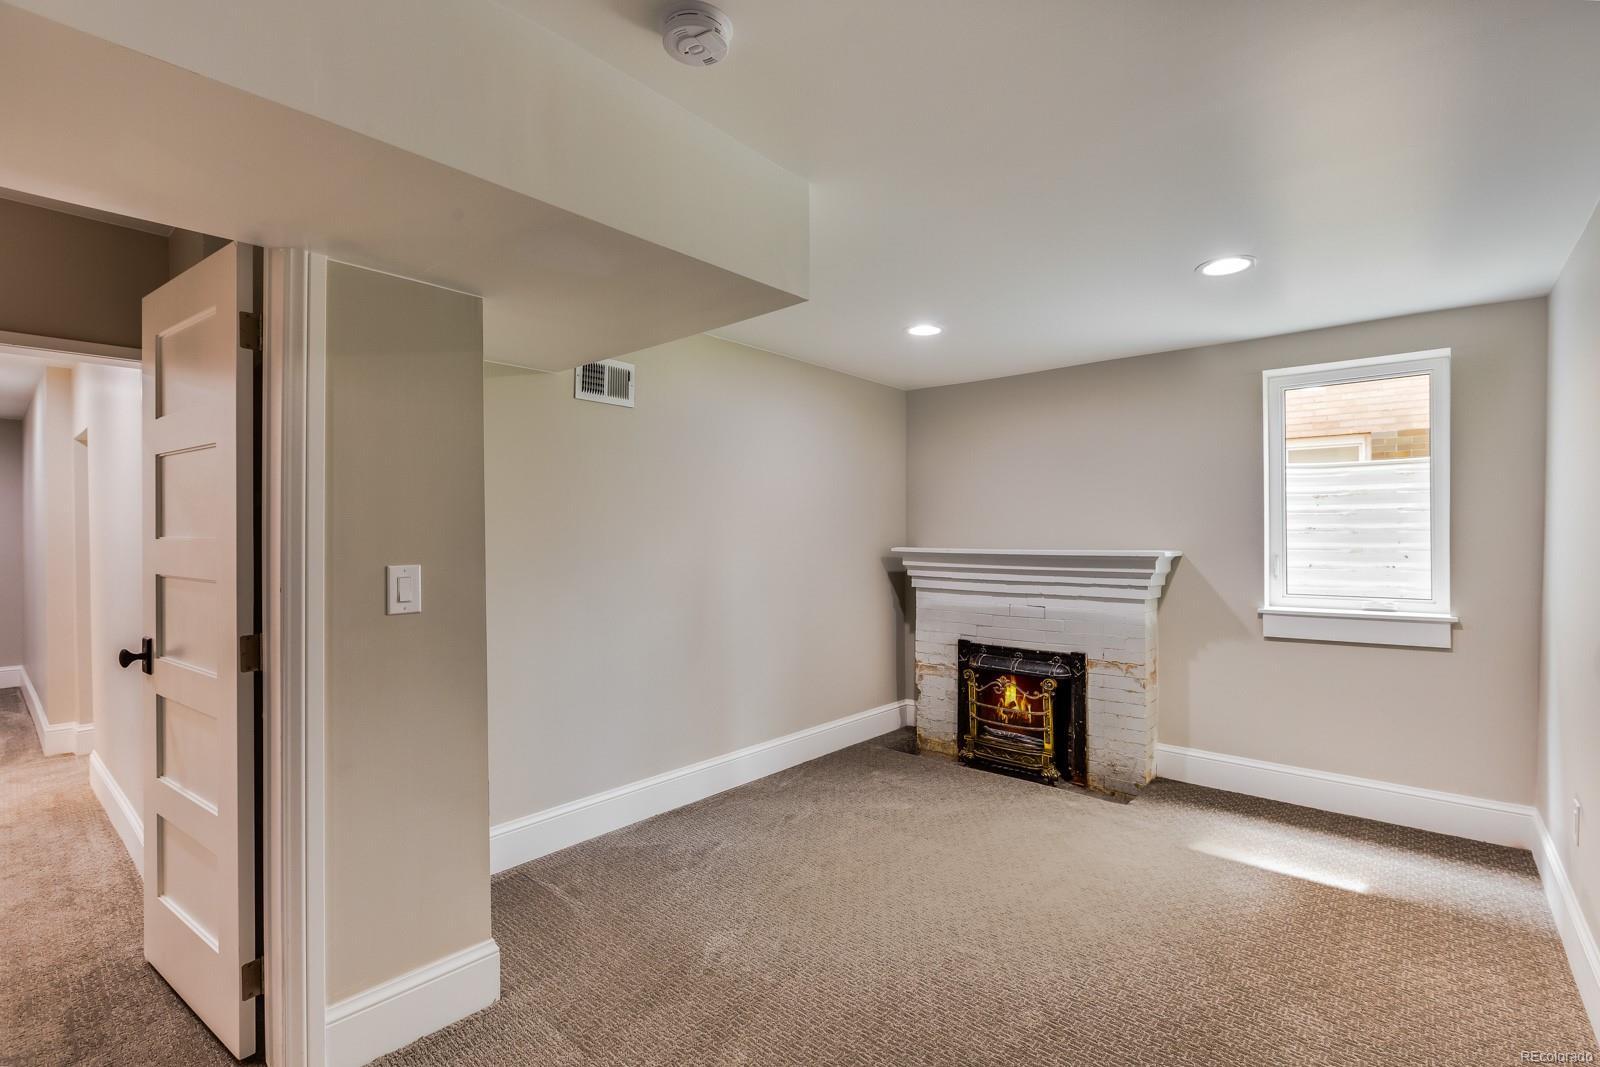 Basement bedroom with walk-in closet